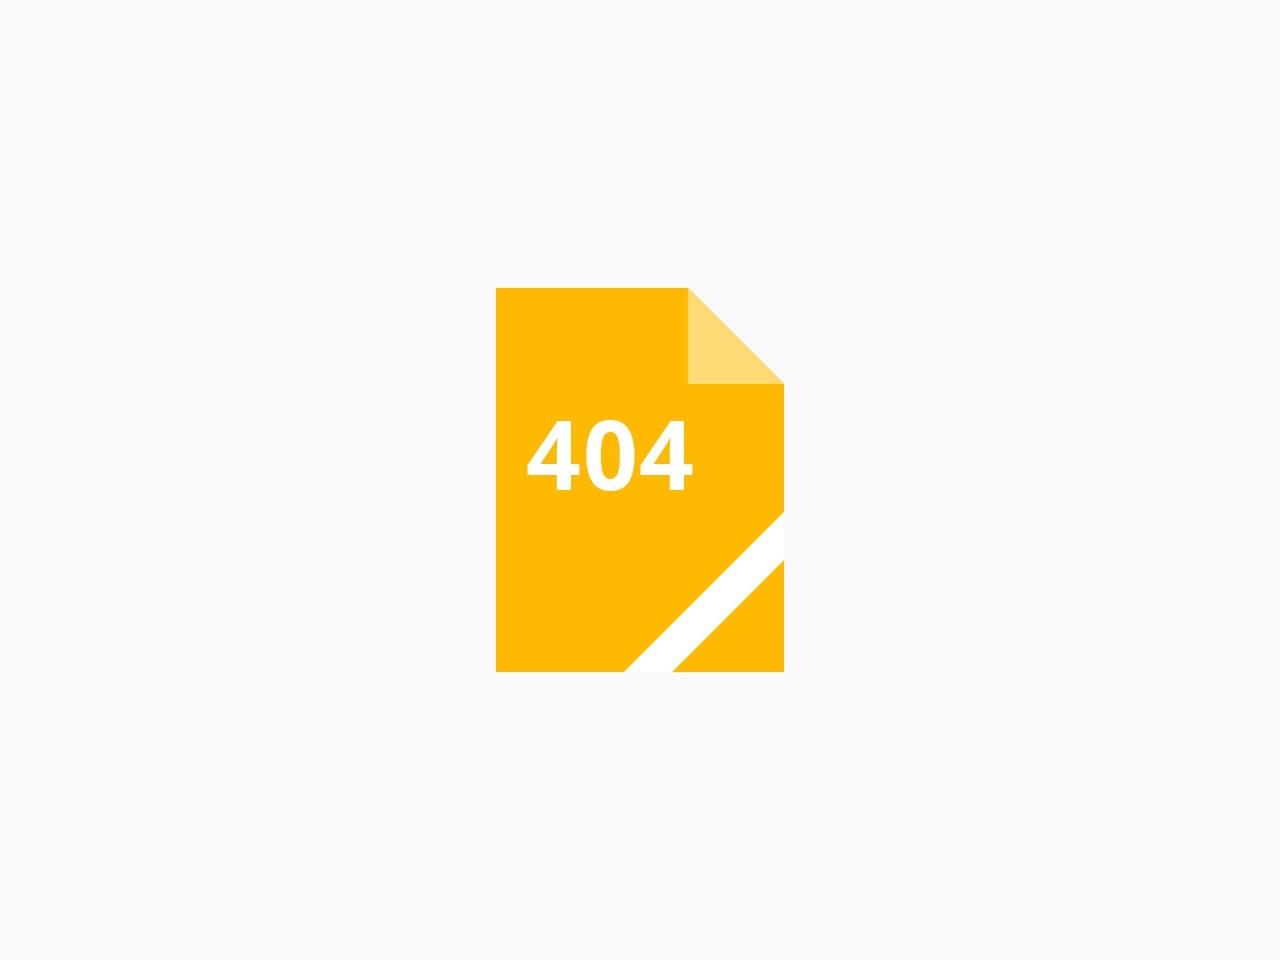 宜昌国际旅行社截图